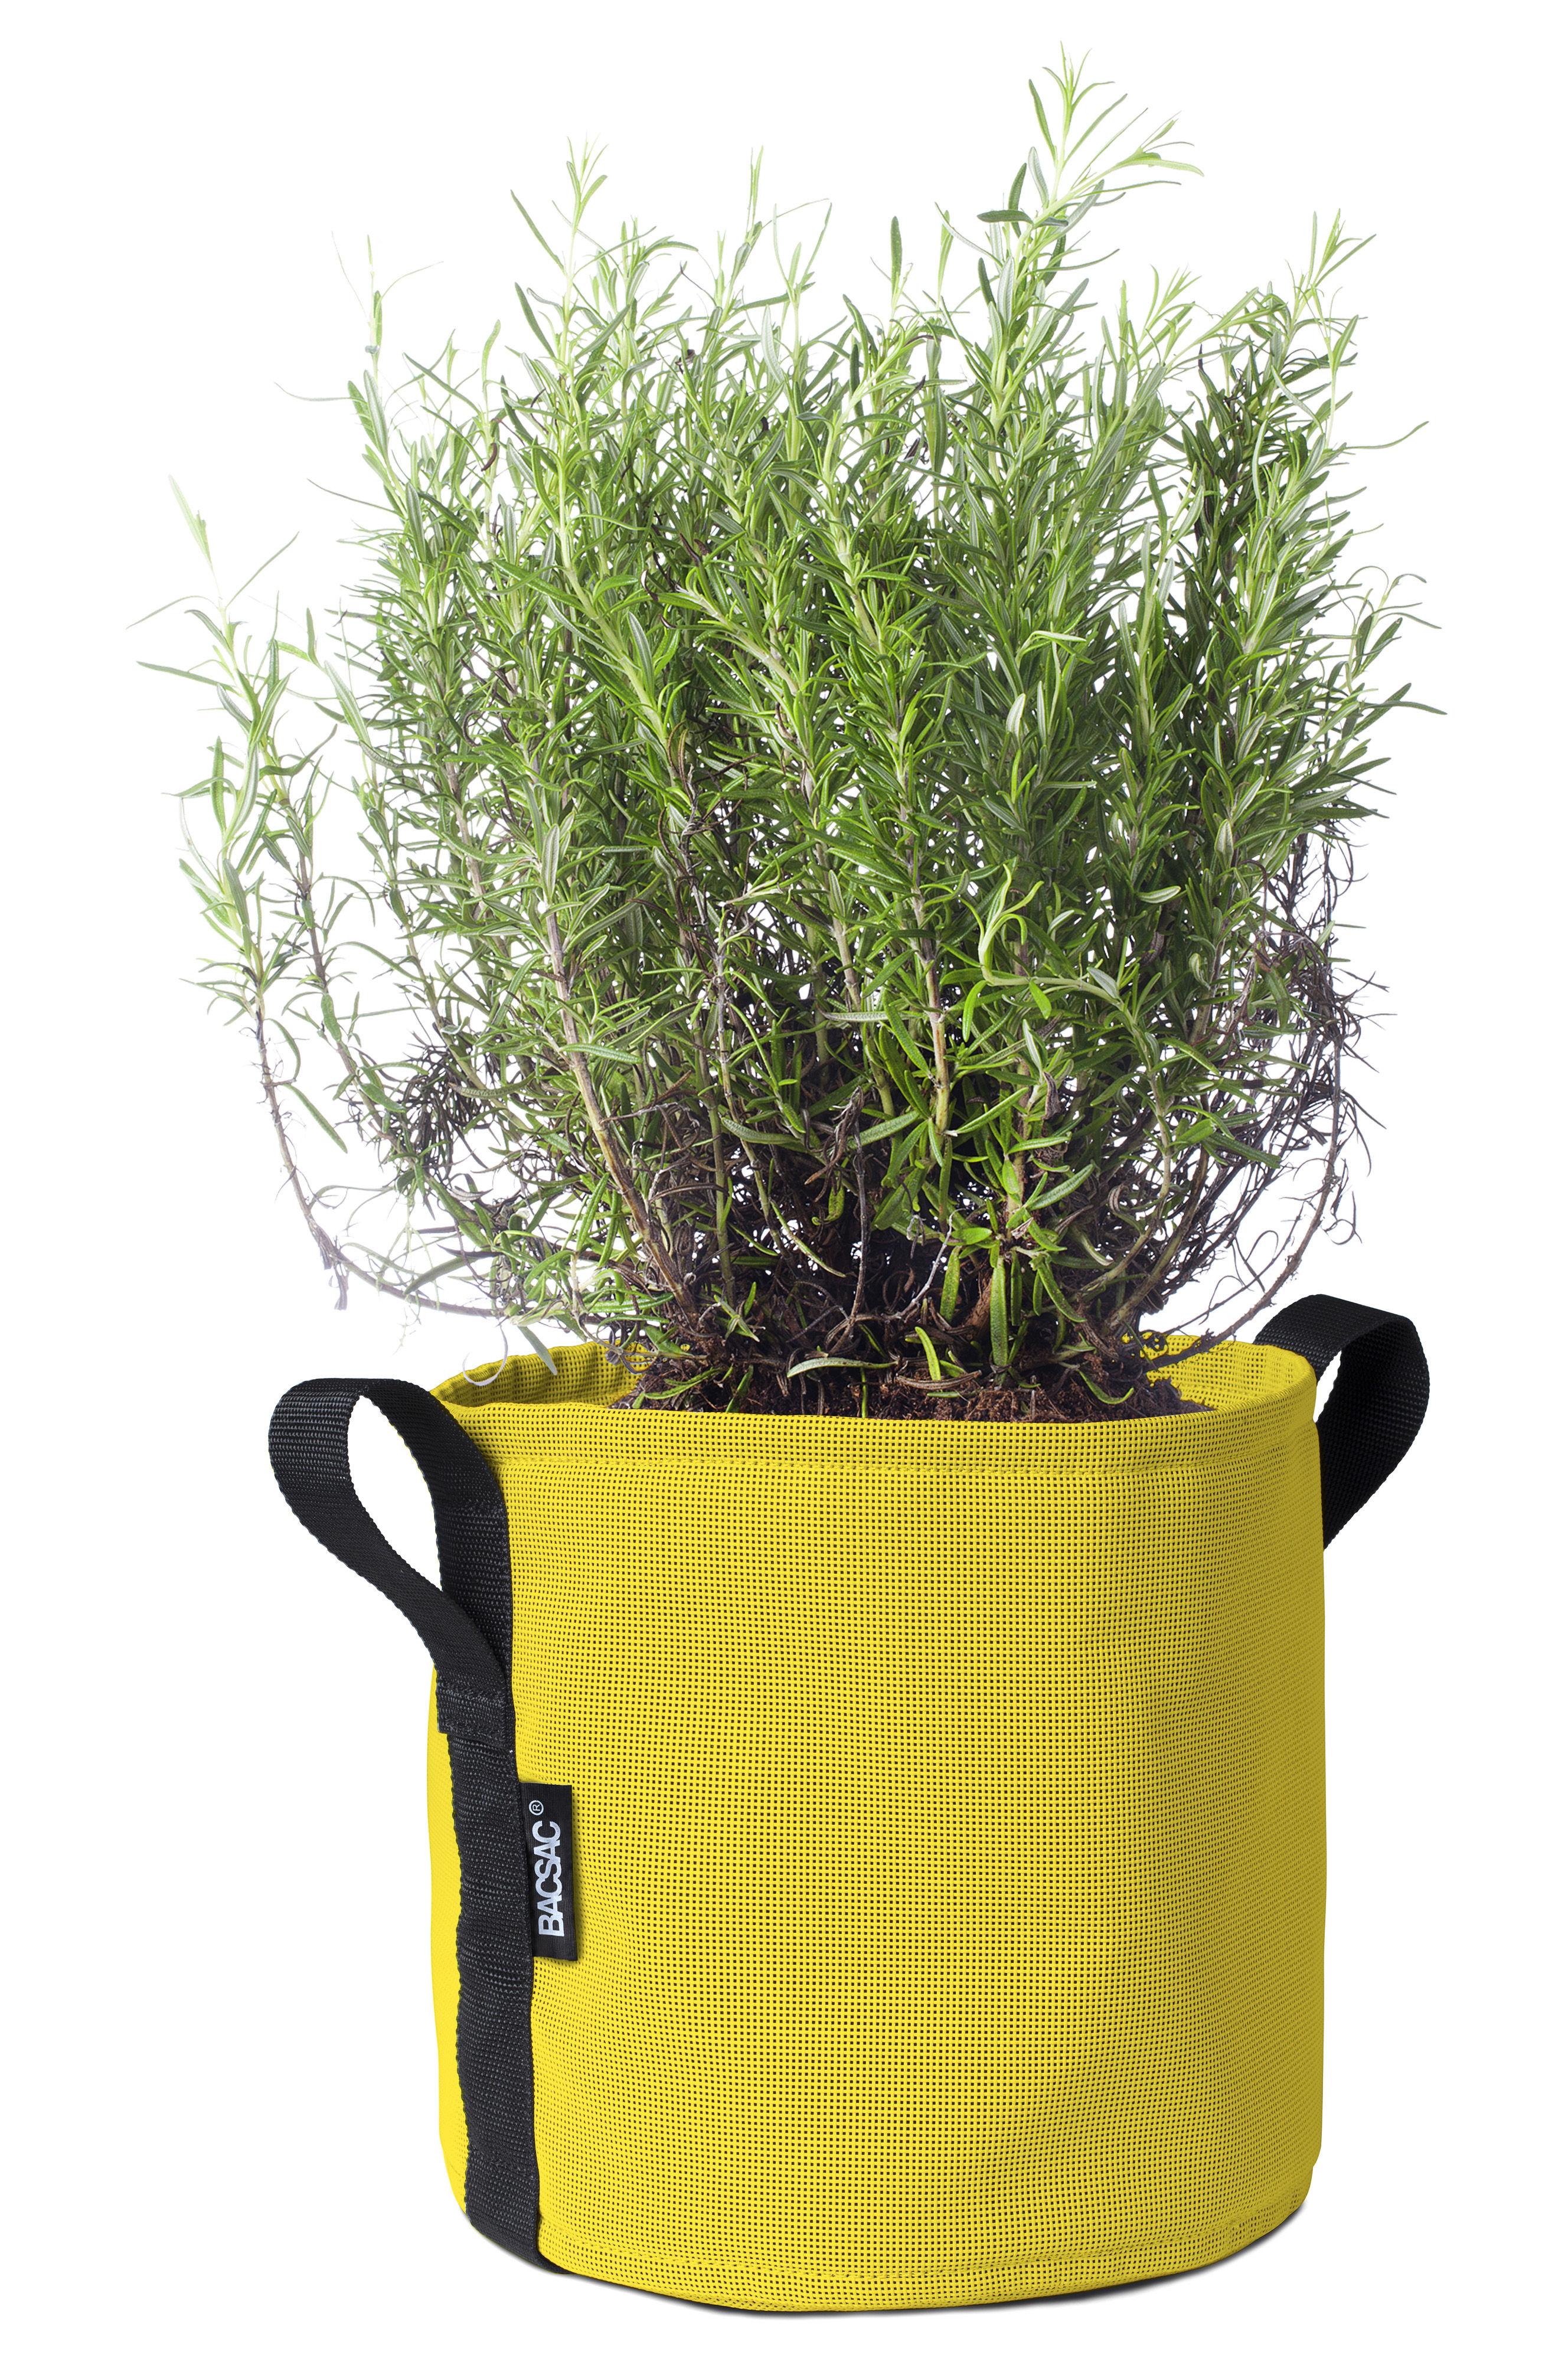 Outdoor - Vasi e Piante - Vaso per fiori Batyline® - / Esterno- 10 L di Bacsac - Giallo limone - Toile Batyline®